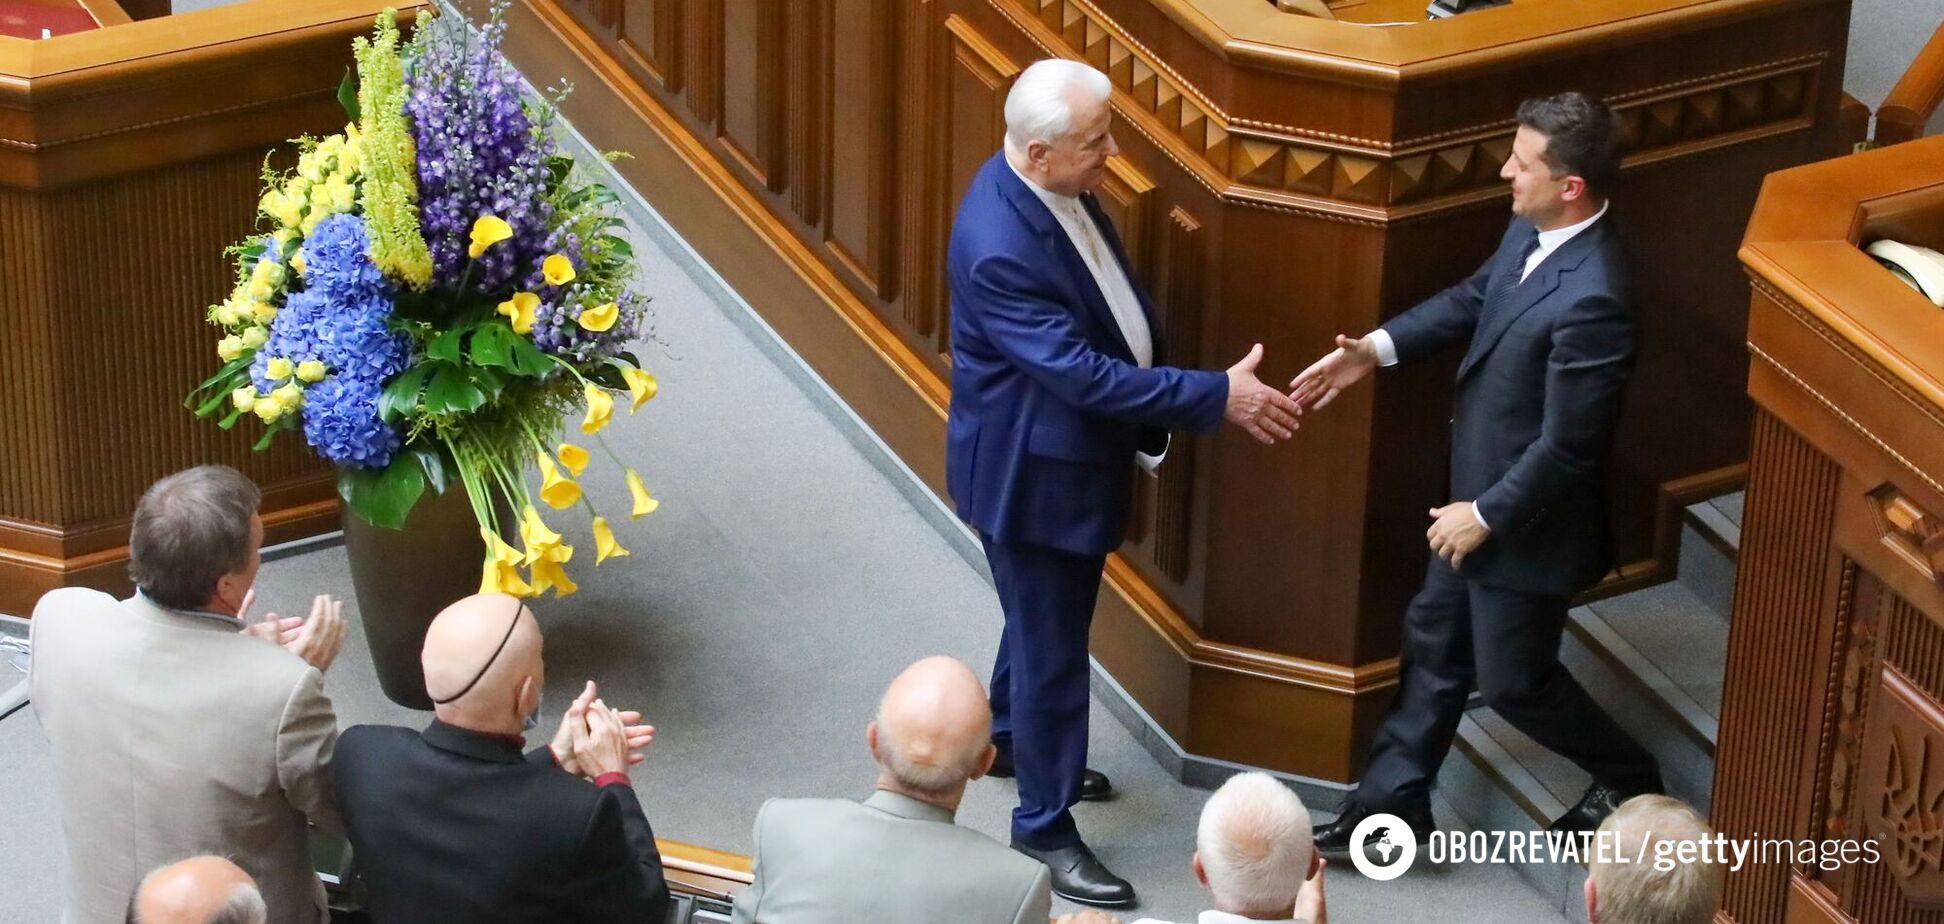 Кравчук посоветовал Зеленскому выполнять обещания